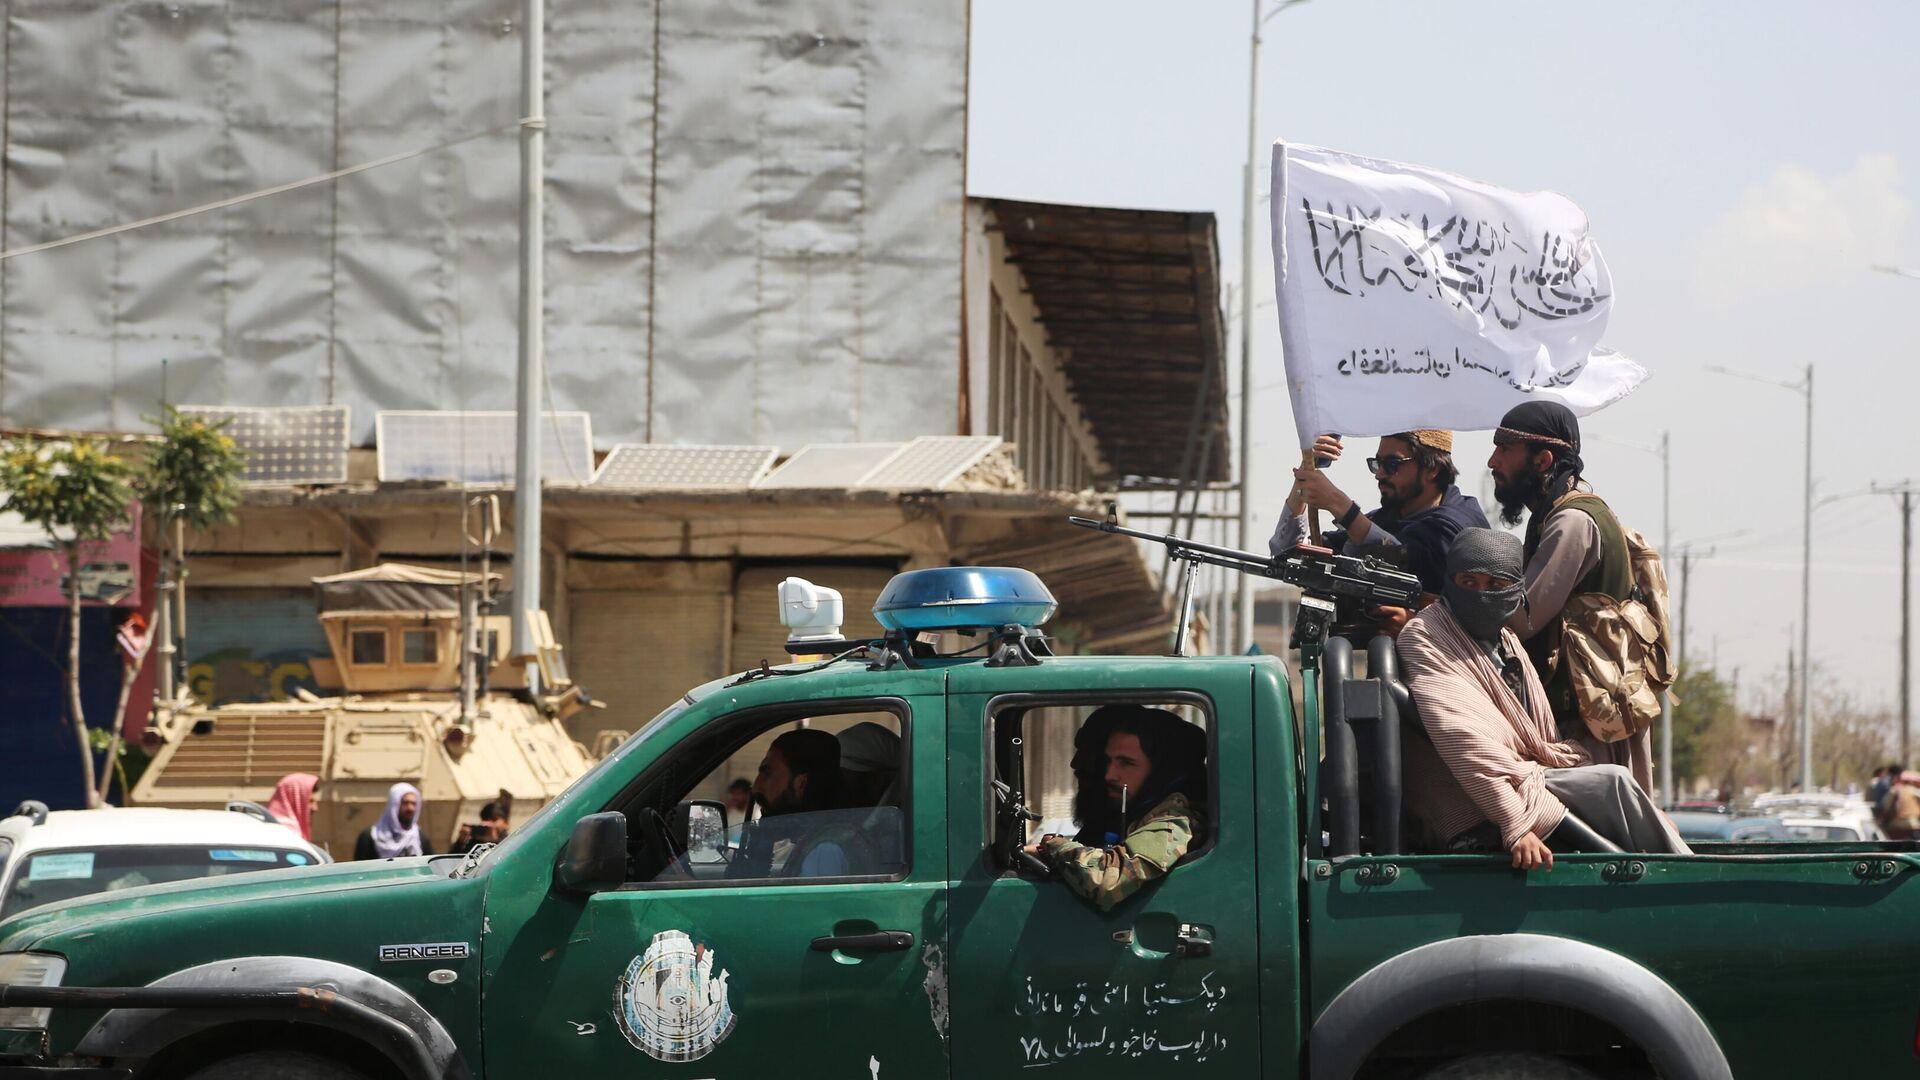 Боевики движения Талибан (террористическая организация, запрещена в России) в Кабуле - Sputnik Таджикистан, 1920, 31.08.2021